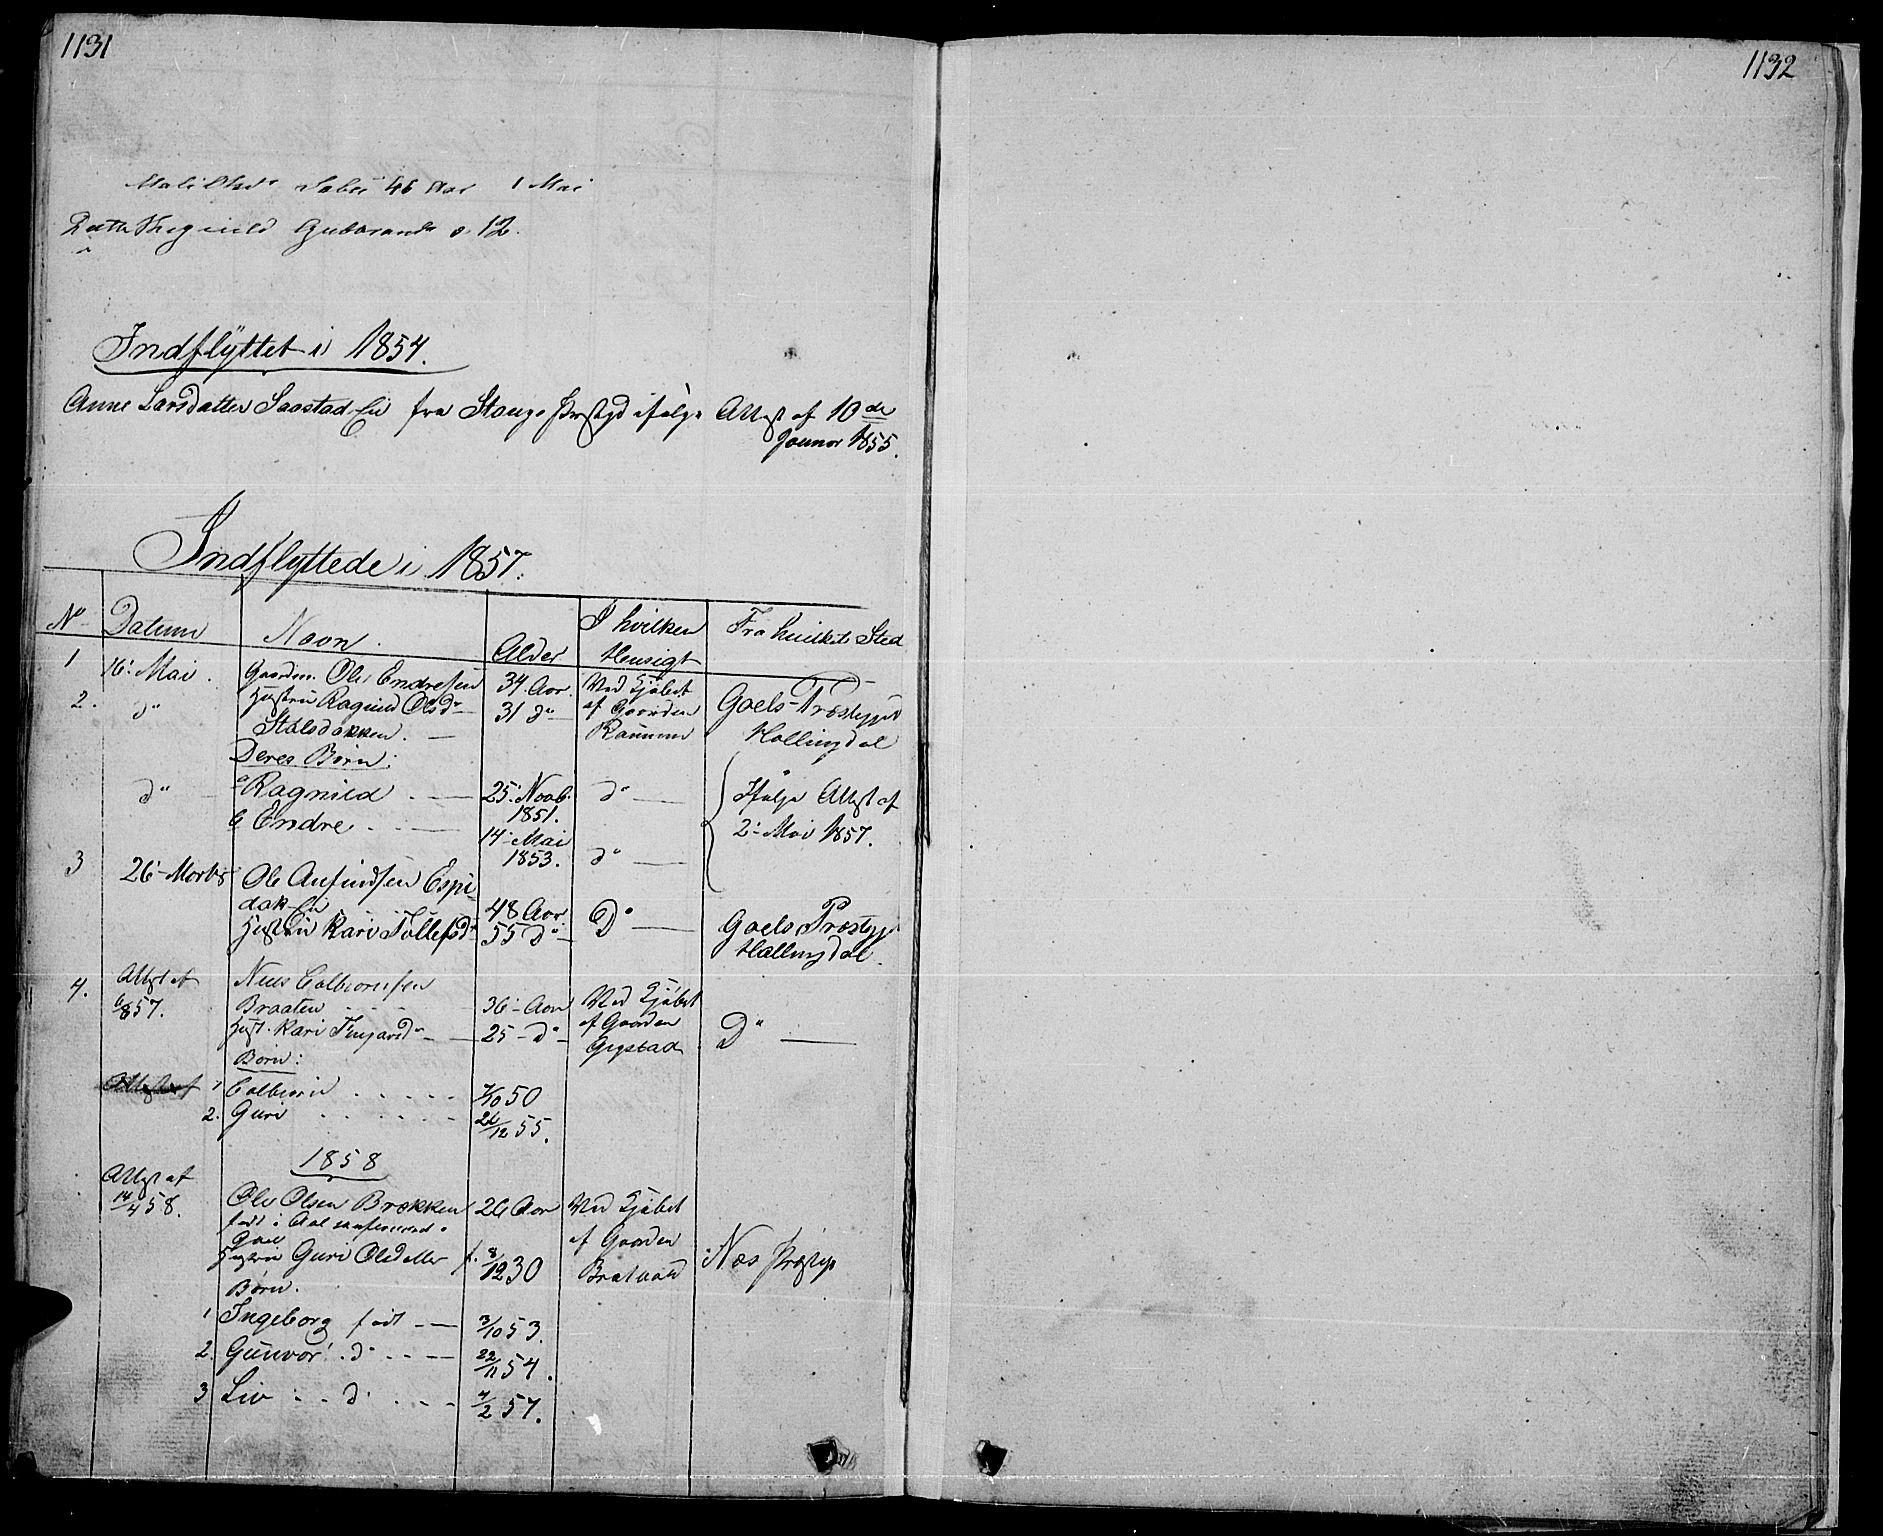 SAH, Nord-Aurdal prestekontor, Klokkerbok nr. 1, 1834-1887, s. 1131-1132